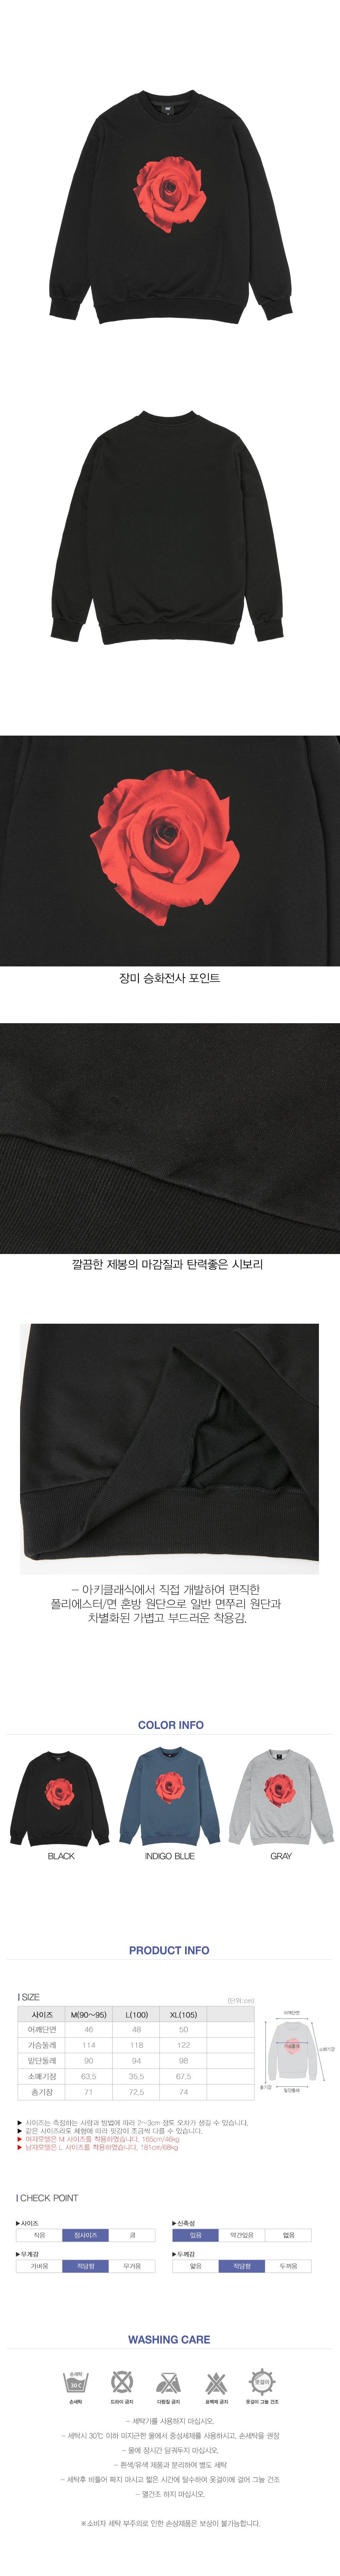 아키클래식 맨투맨 티셔츠 로즈 블랙